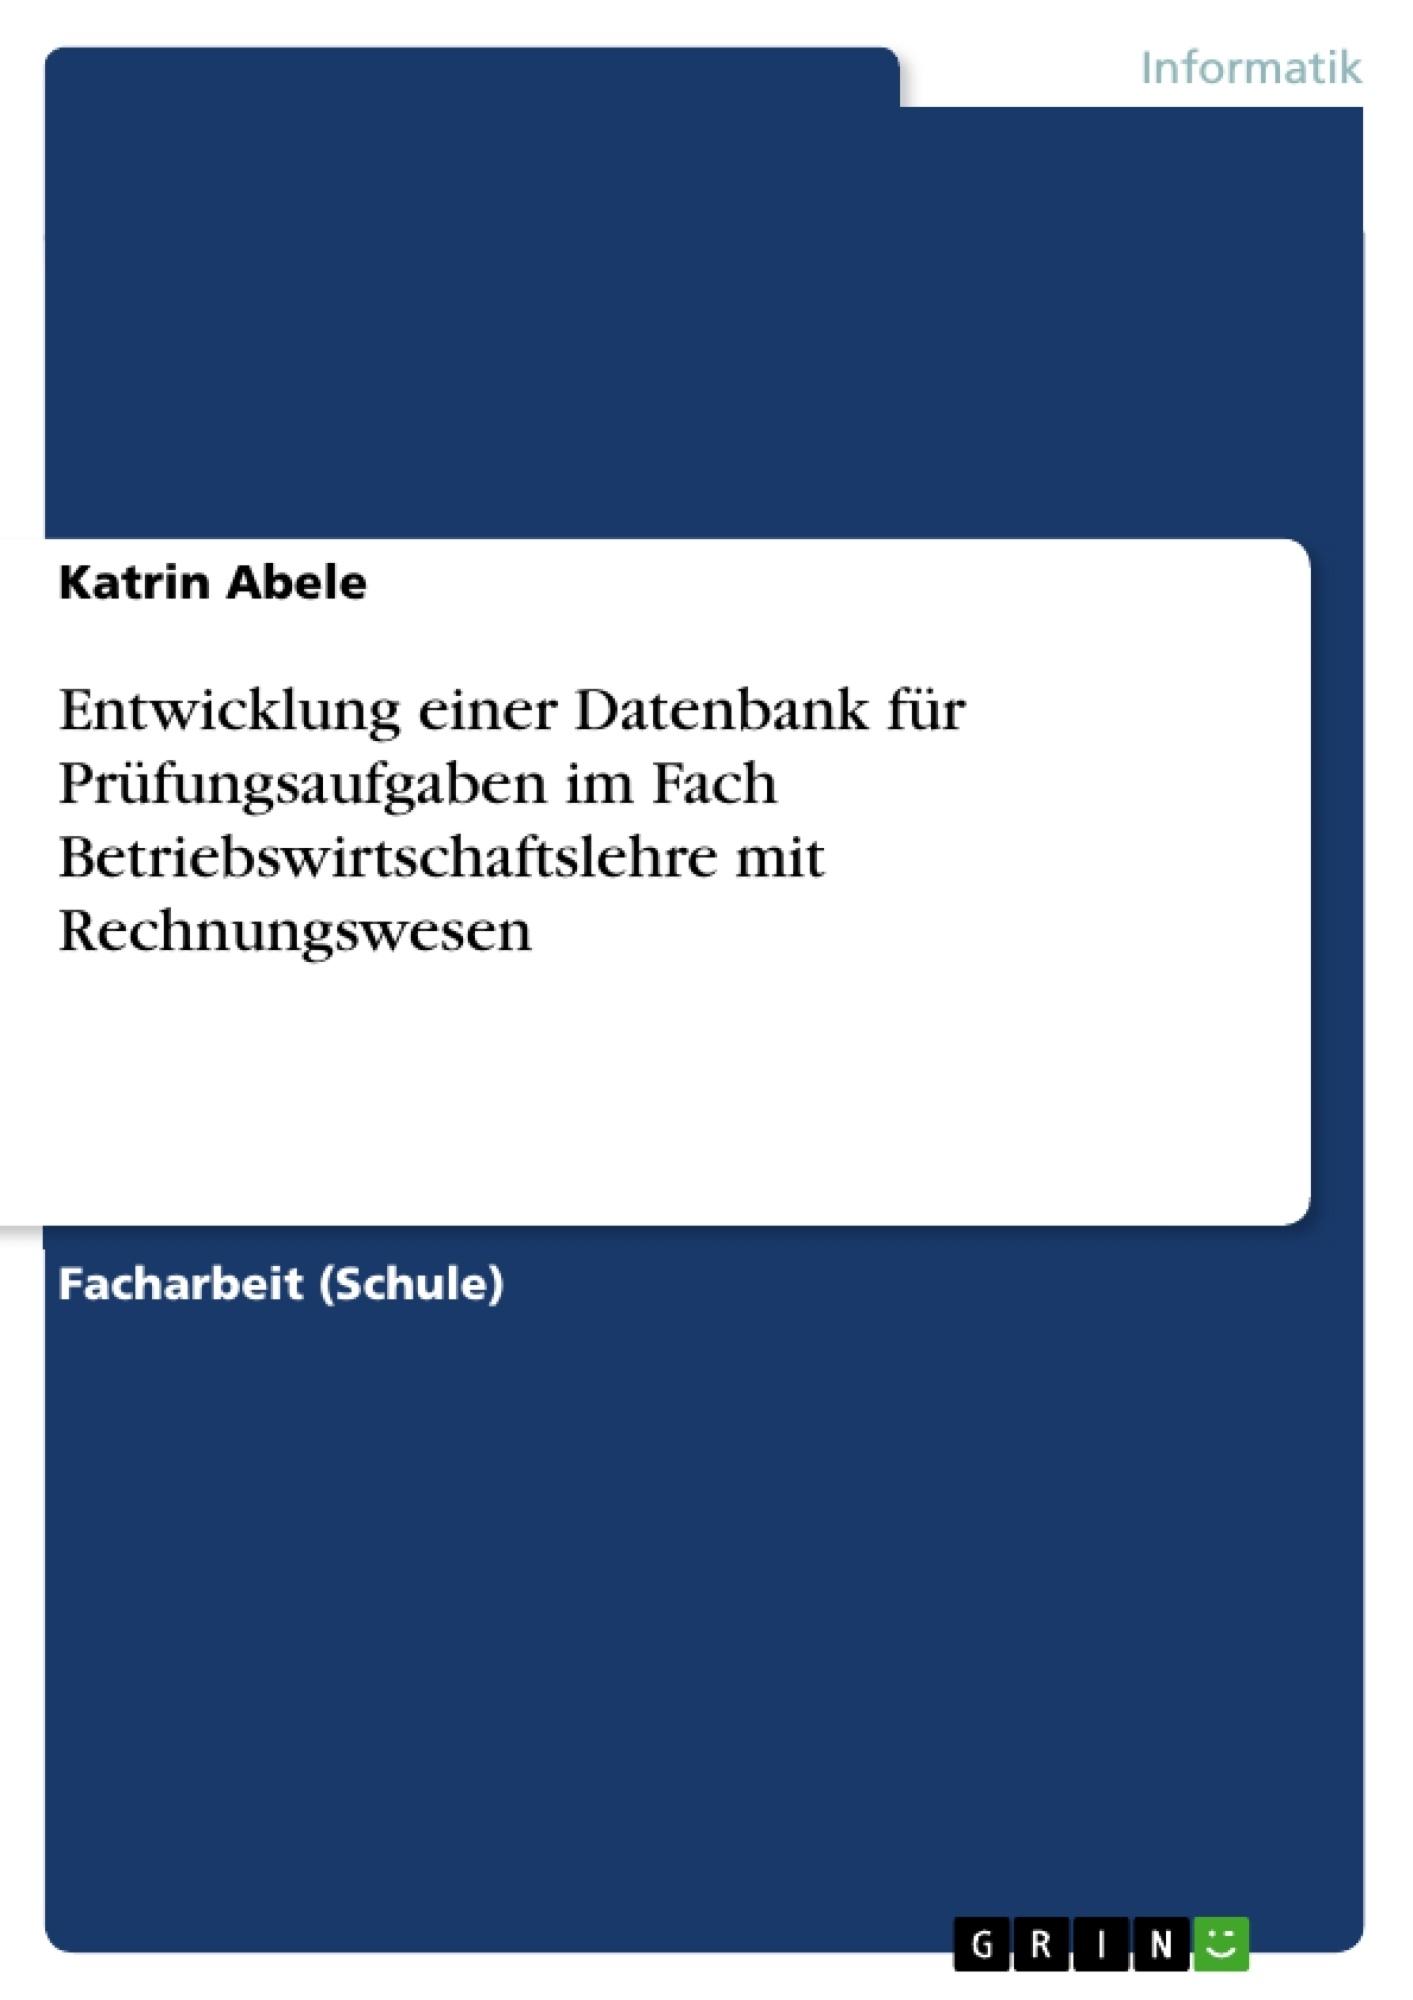 Titel: Entwicklung einer Datenbank für Prüfungsaufgaben im Fach Betriebswirtschaftslehre mit Rechnungswesen